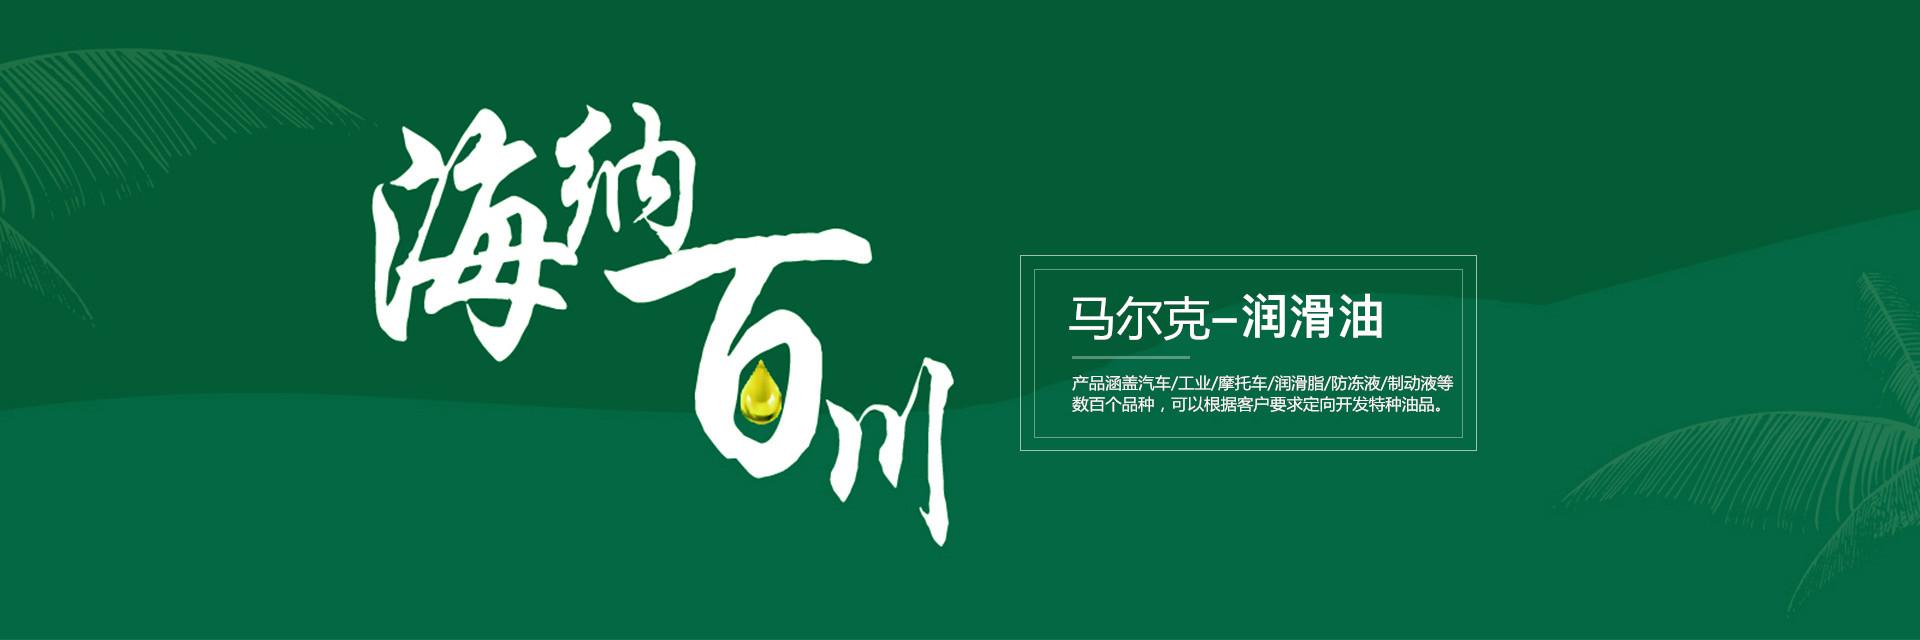 雷竞技官网下载雷竞技电脑版